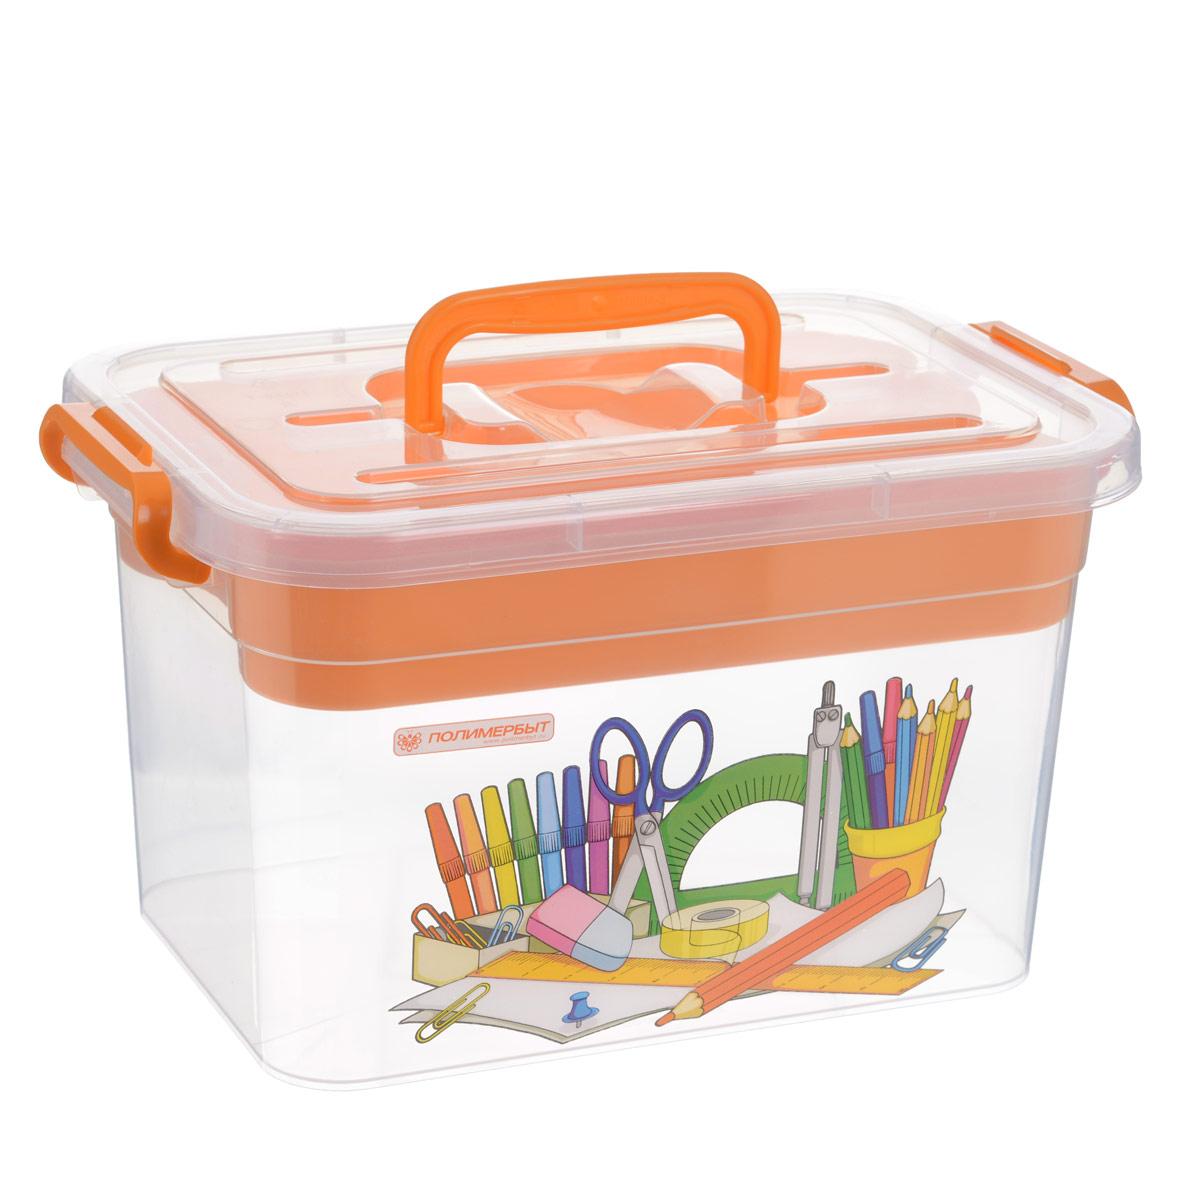 Контейнер Полимербыт Важные мелочи, с вкладышем, цвет: оранжевый, 6,5 лS03301004Контейнер Полимербыт Важные мелочи выполнен из прозрачного пластика. Для удобства переноски сверху имеется ручка. Внутрь вставляется цветной вкладыш с тремя отделениями. Контейнер плотно закрывается крышкой с защелками. Контейнер для аптечки Полимербыт Важные мелочи очень вместителен и поможет вам хранить все вещи в одном месте.Объем: 6,5 л.